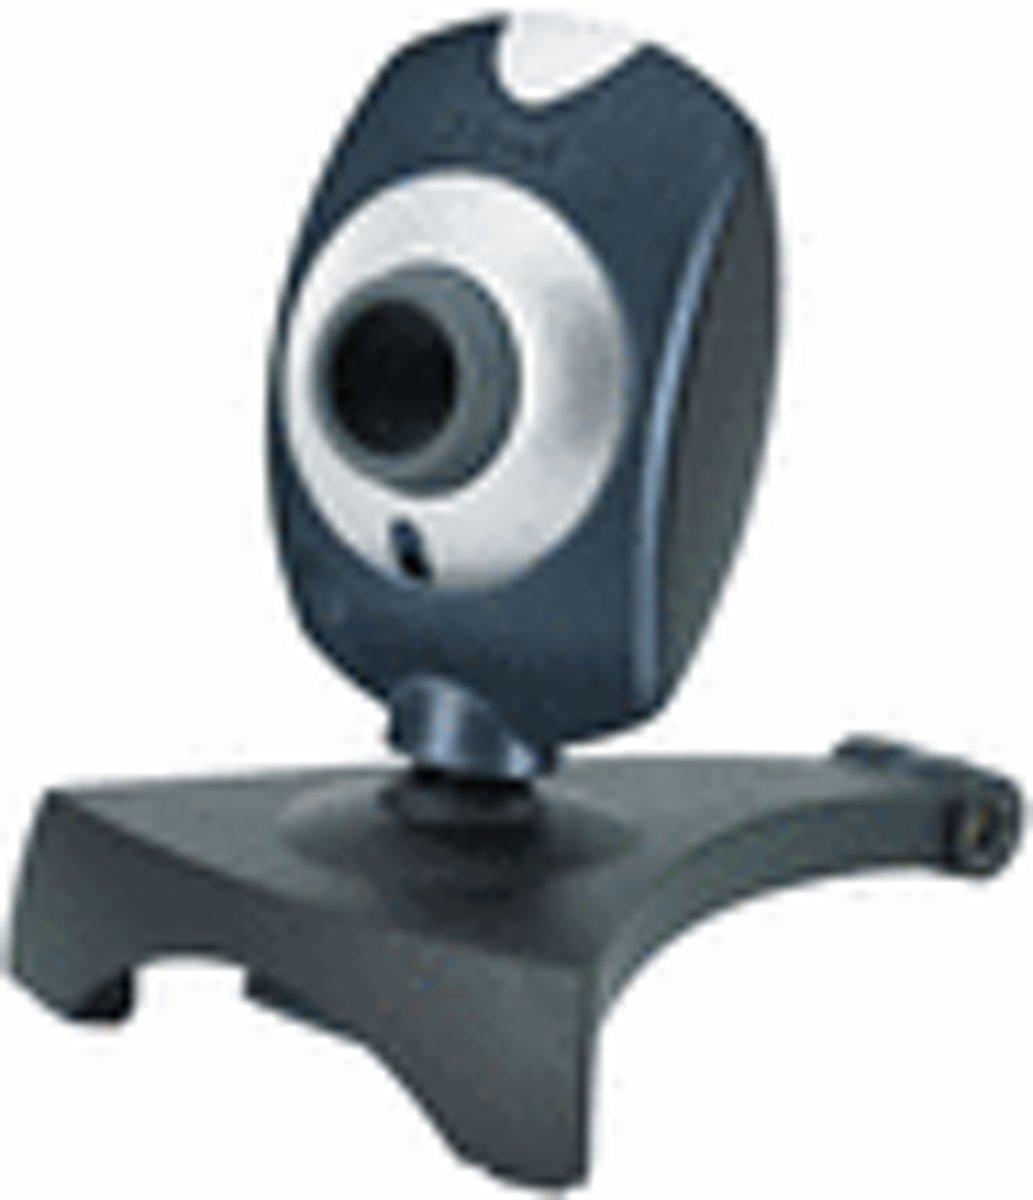 Trust Webcam, Wb-3400t Hires Webcam kopen